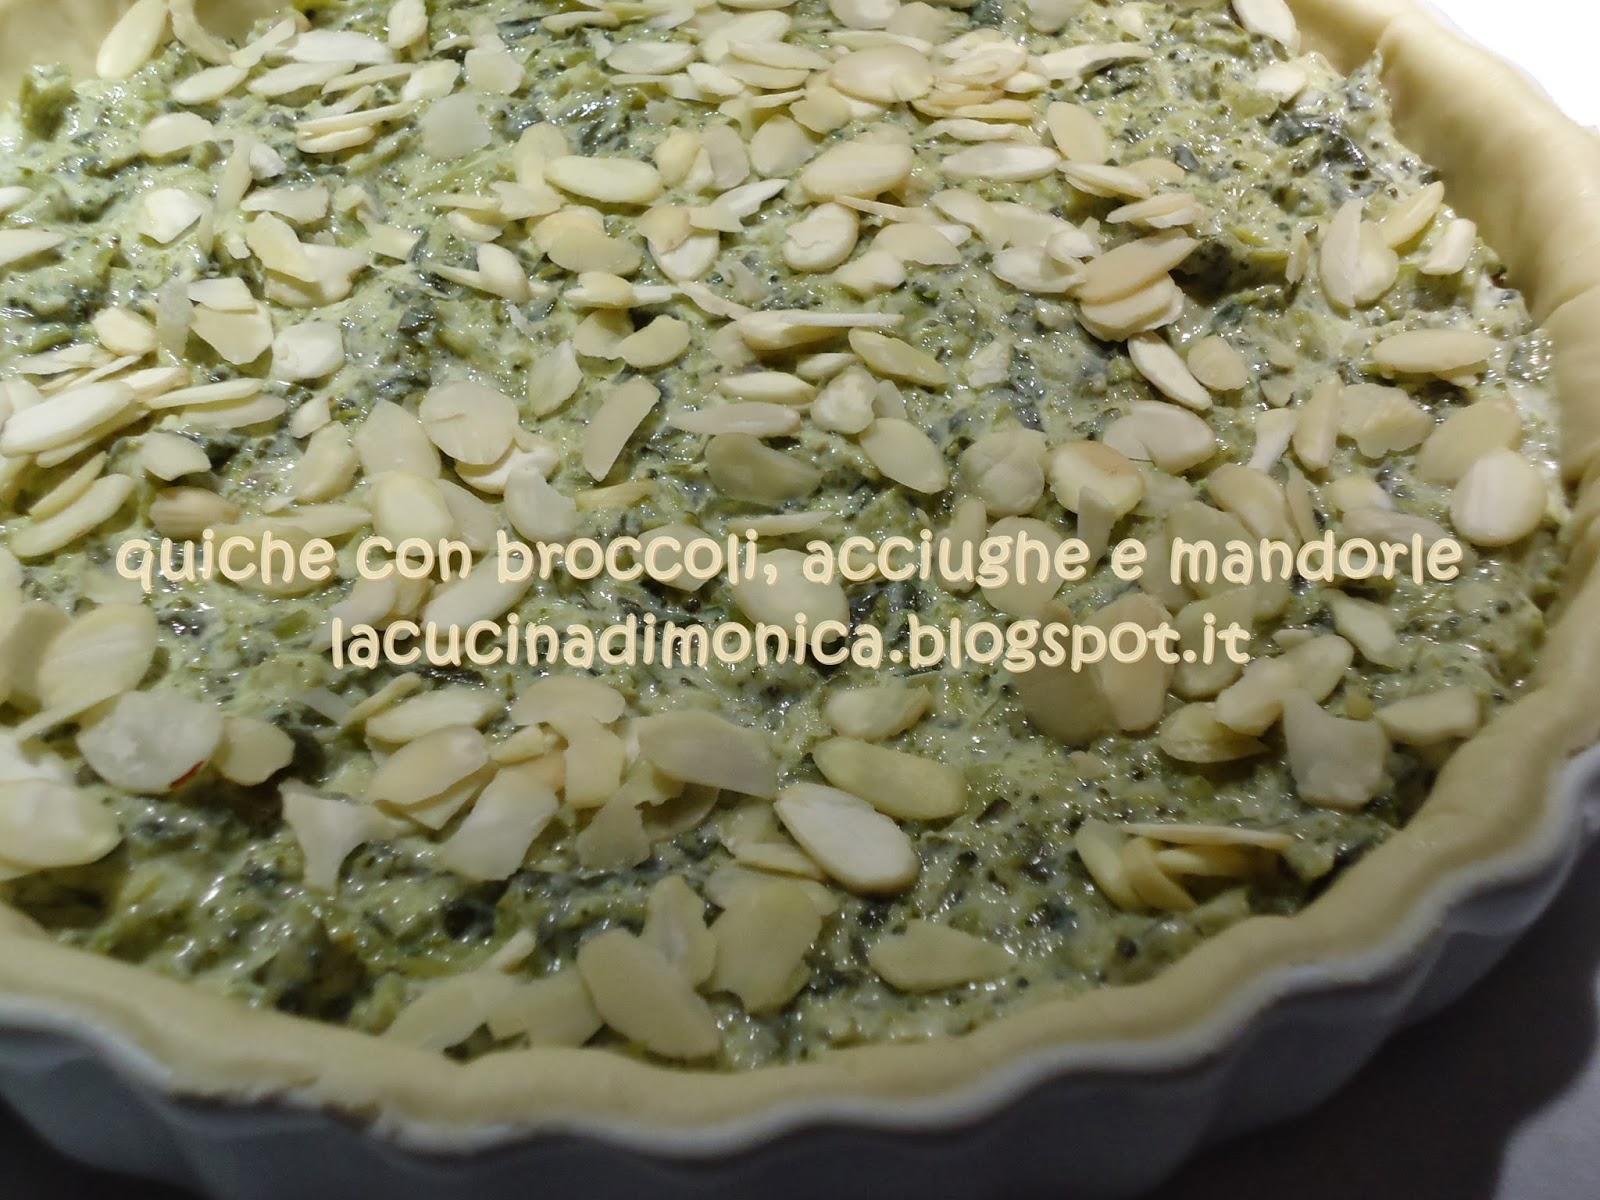 quiche con broccoli,acciughe e mandorle